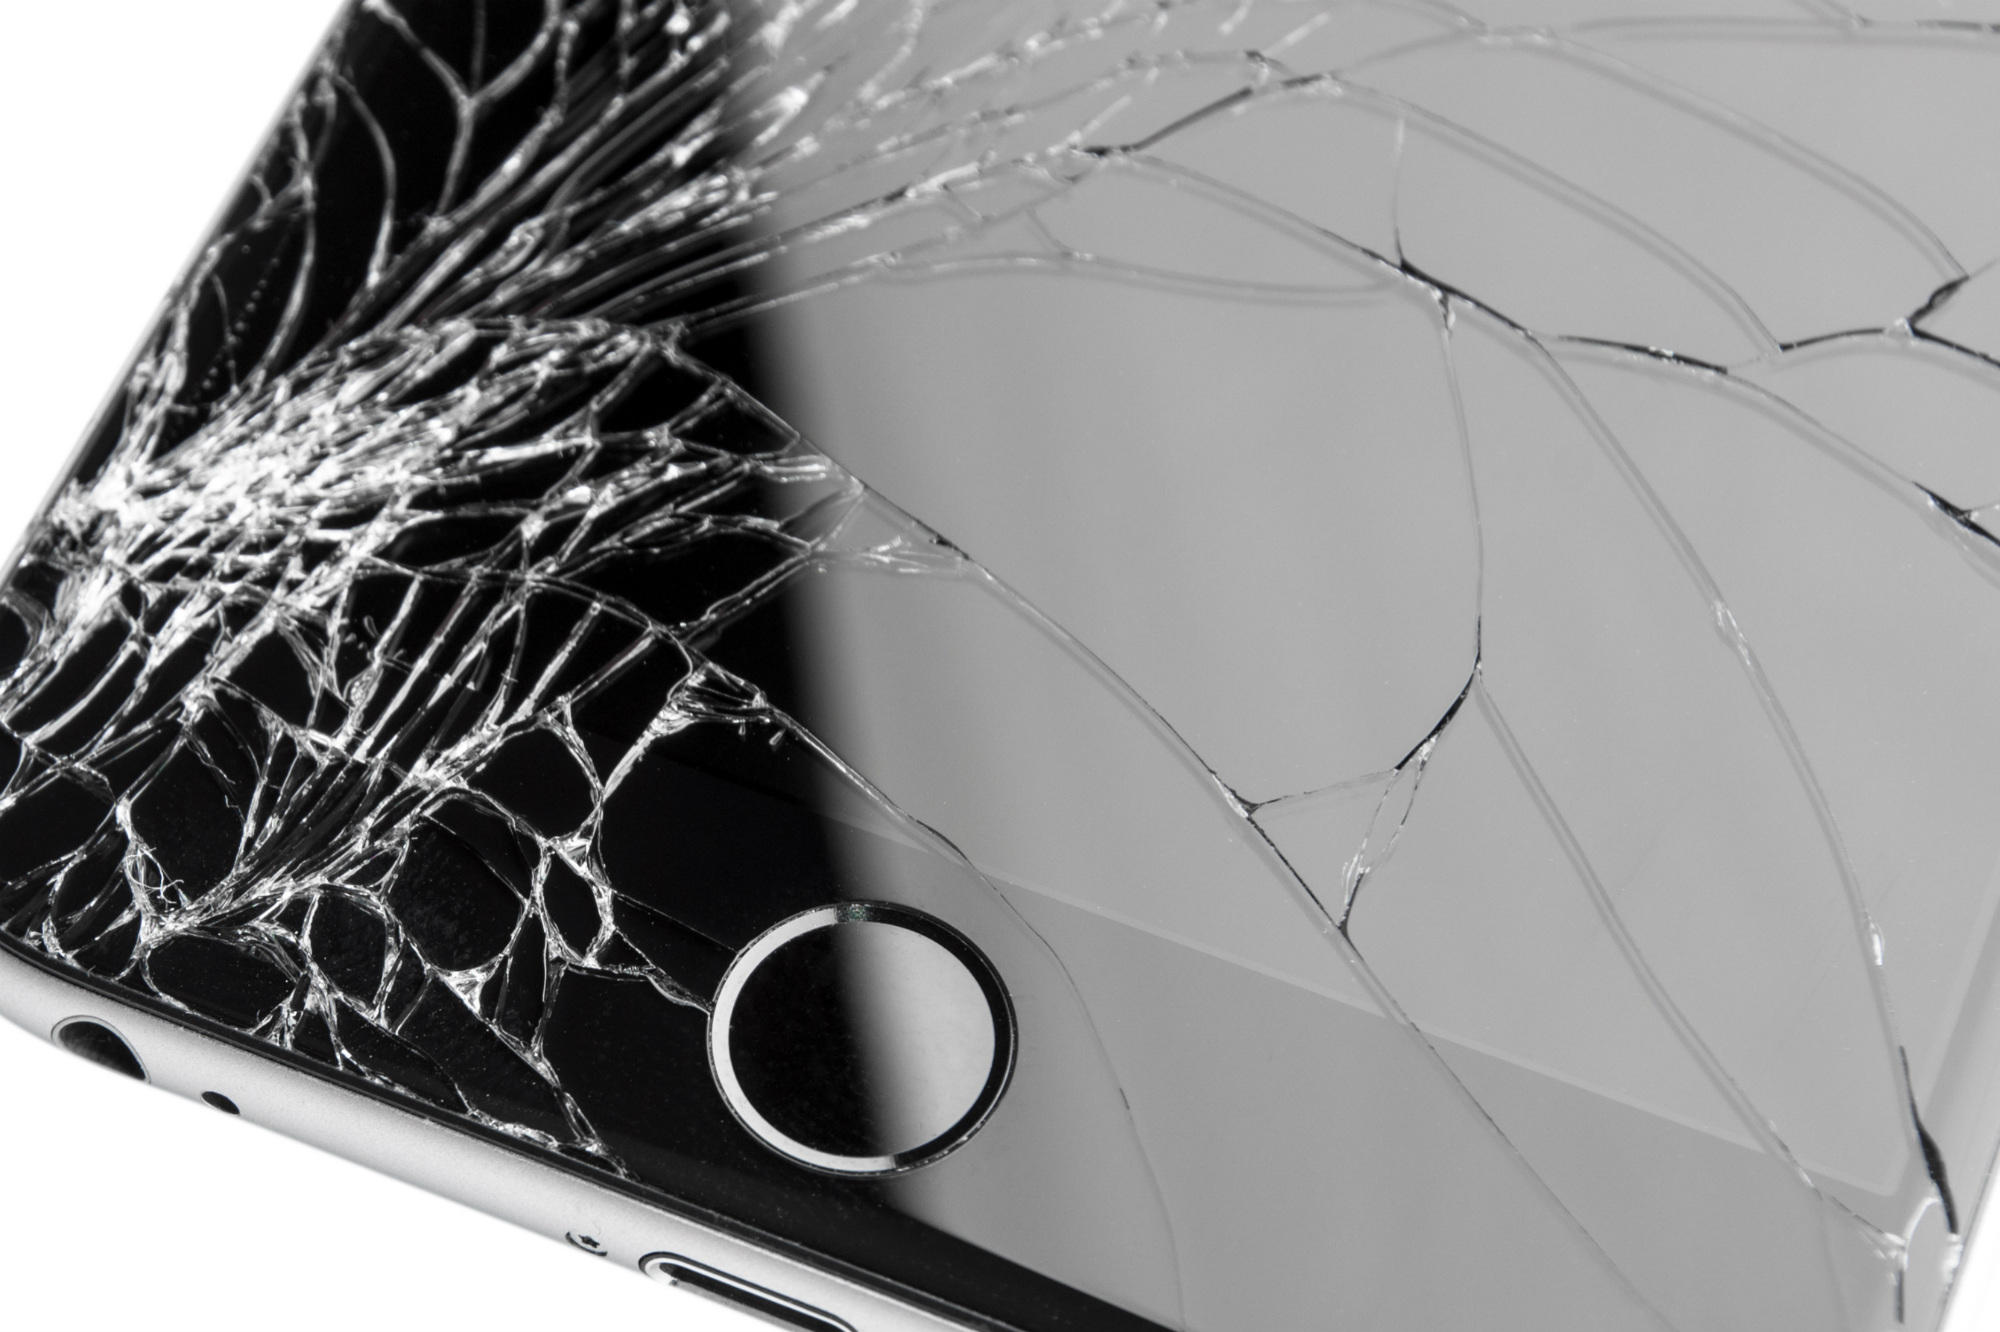 iPhone Screen Repair Shop